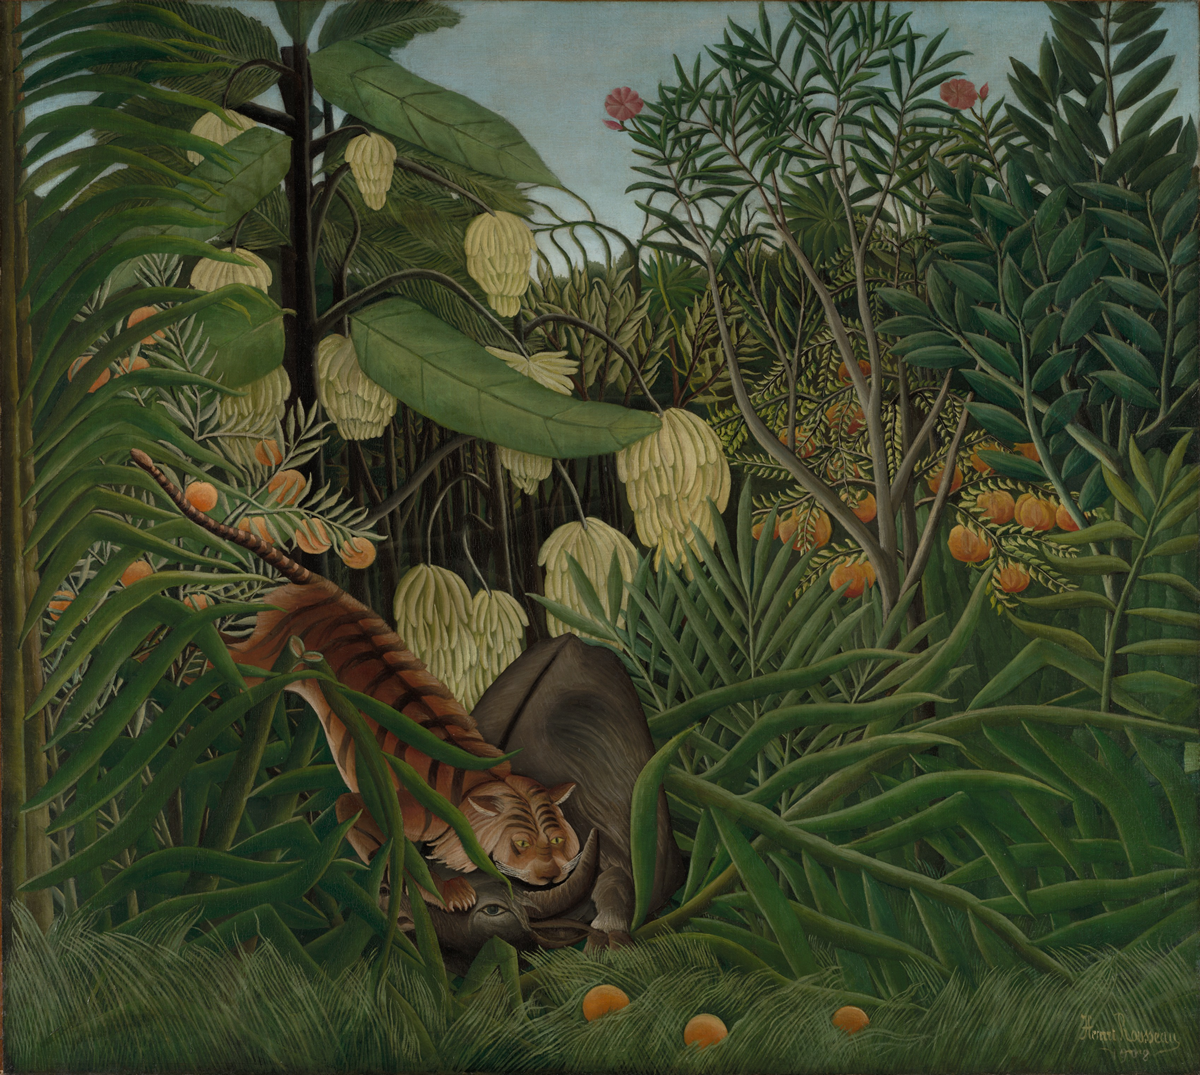 Кливлендский музей искусств передаёт 30 000 шедевров в общественное достояние 11